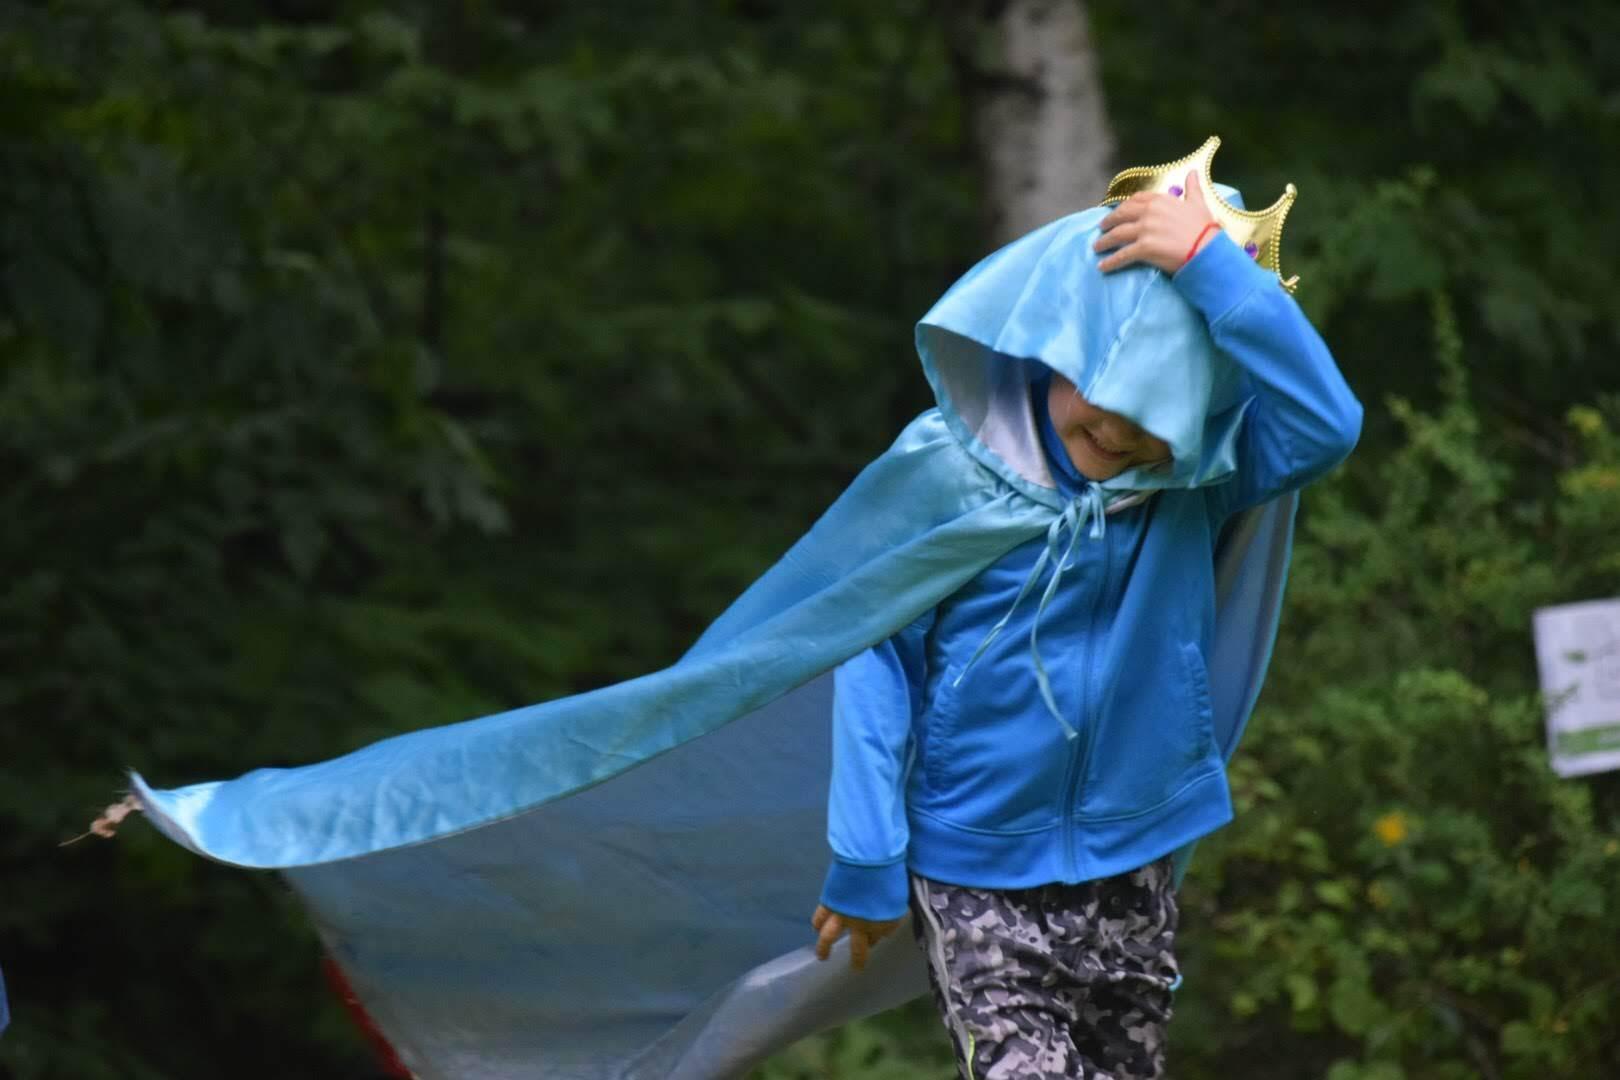 Storybook - TimberNook of Mount Washington Valley